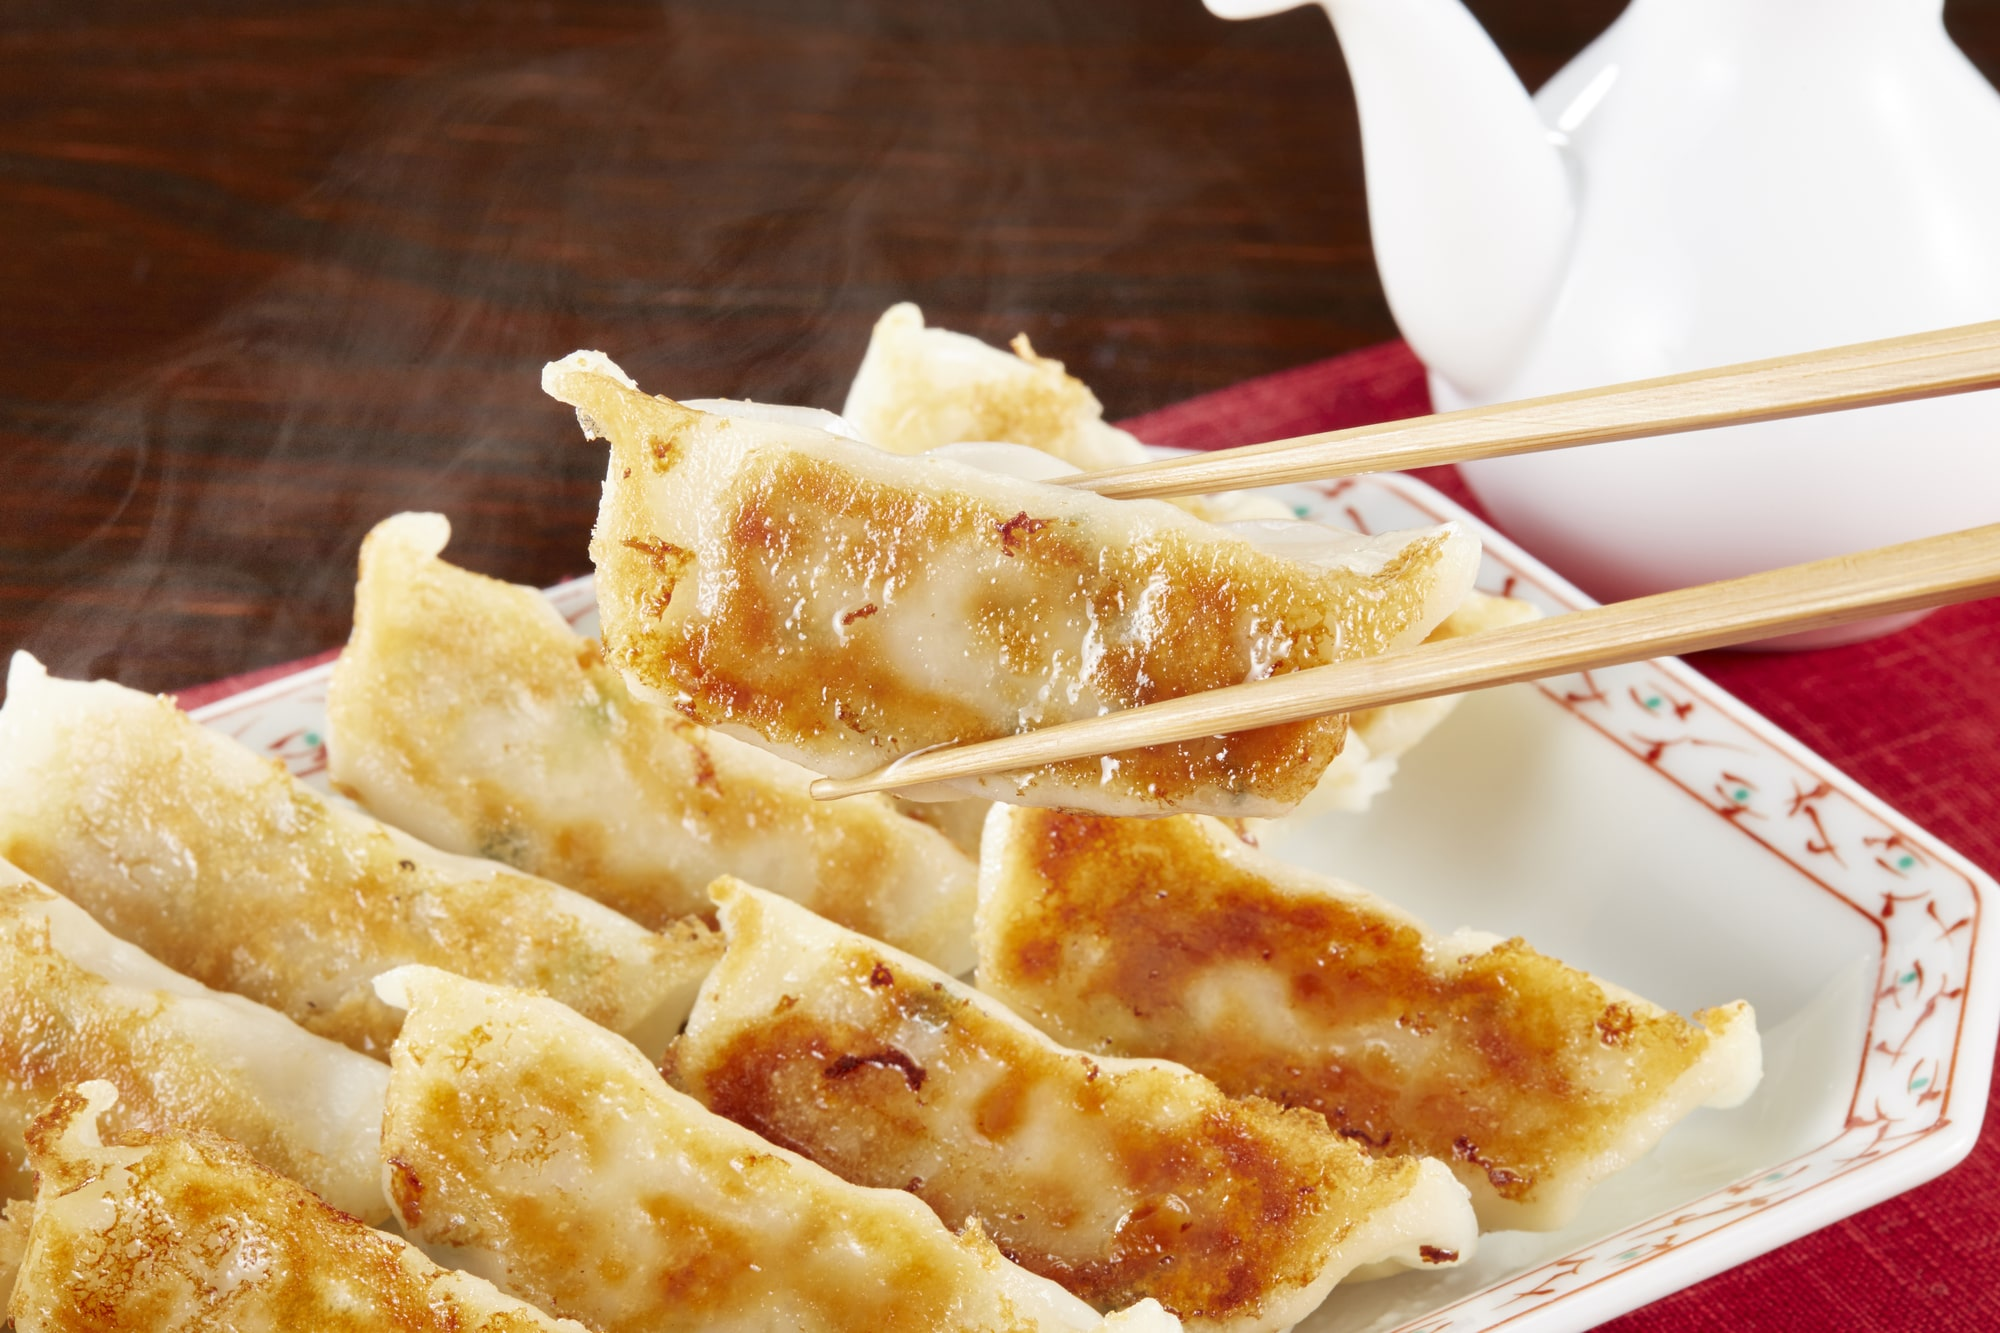 みんな大好き愛され餃子!デリバリーOKな渋谷のおすすめ餃子5選|TIME SHARING|タイムシェアリング|スペースマネジメント|あどばる|adval|SHARING